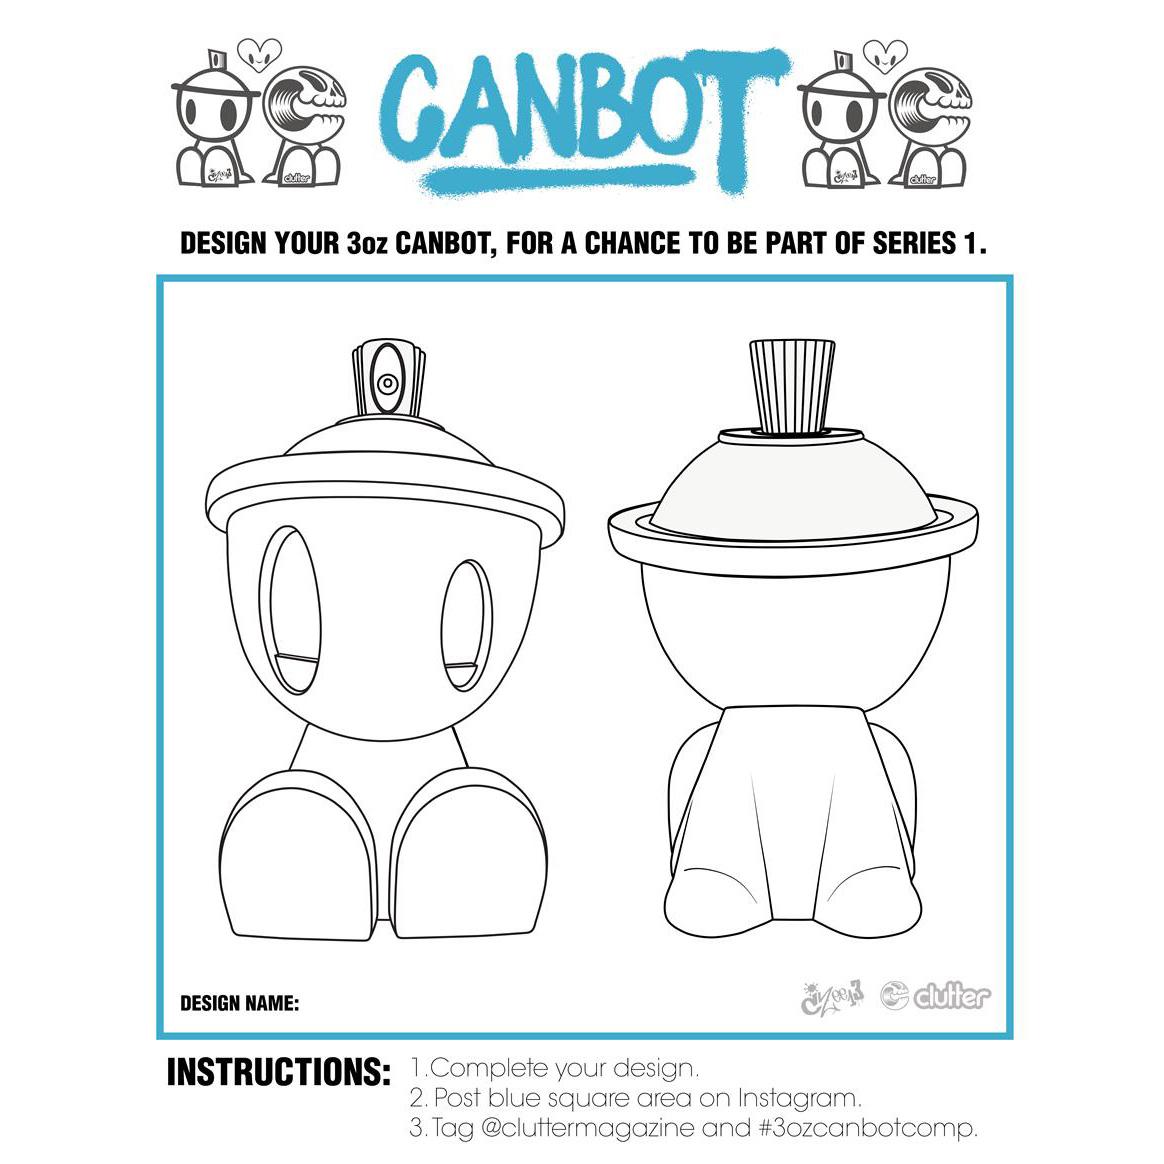 3oz Canbot Blindbox Series Artist Call